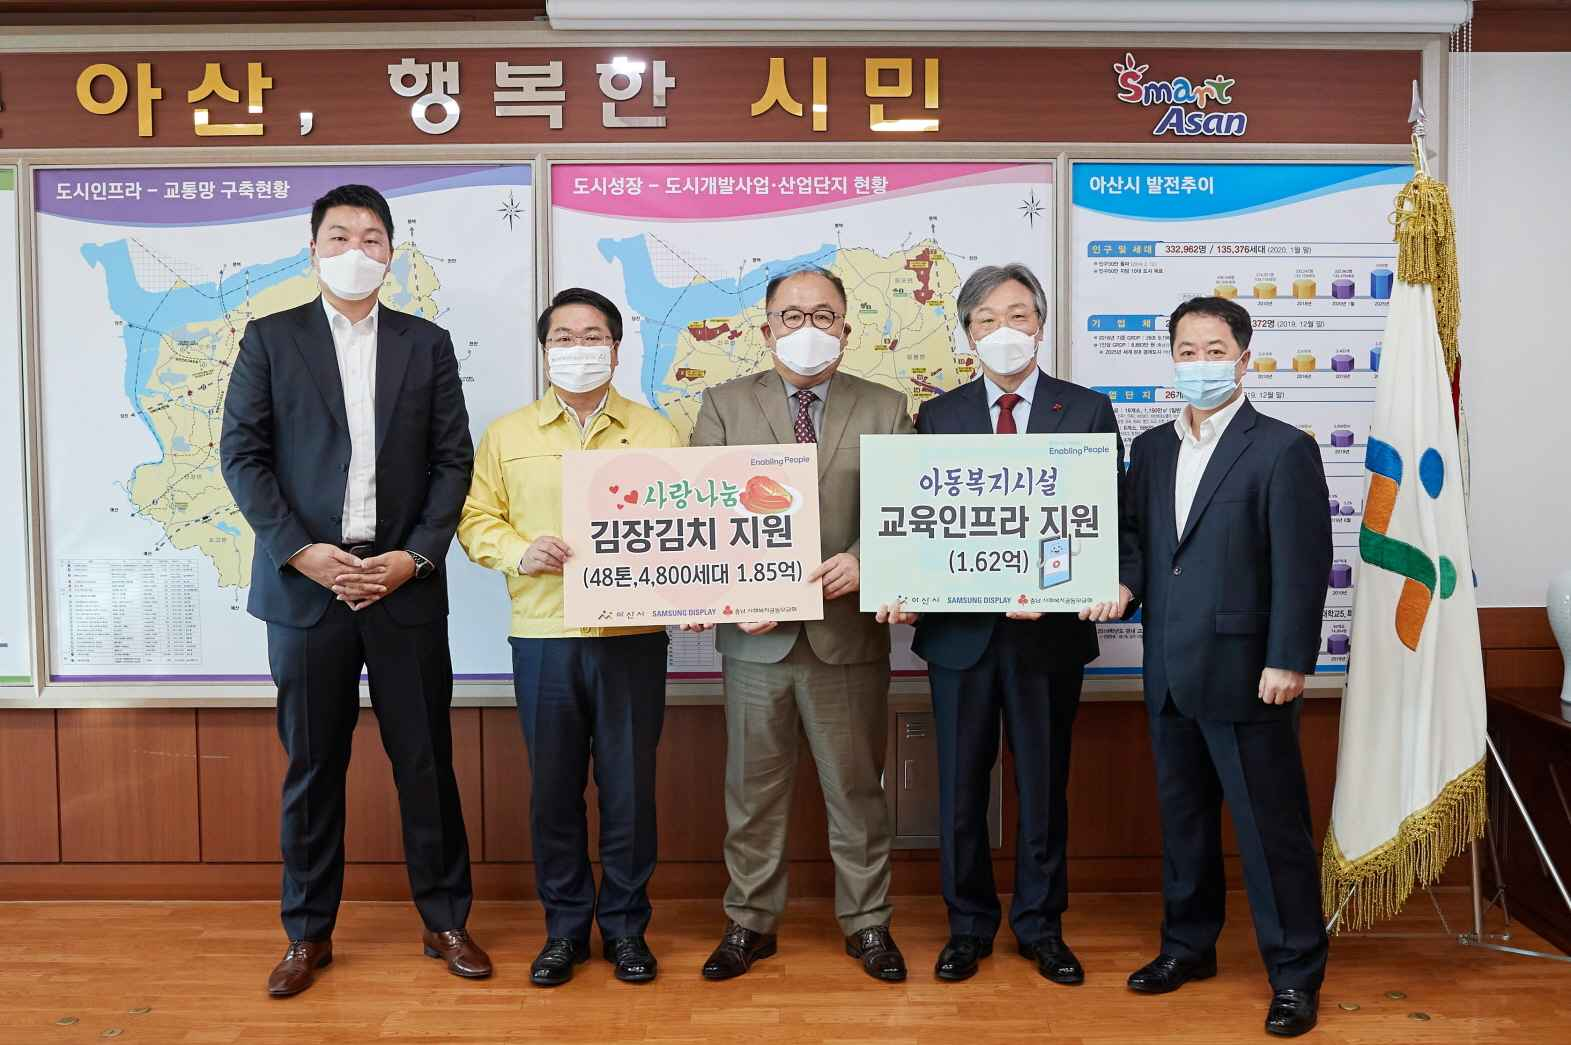 삼성디스플레이, 이웃에게 따뜻함을 전하는 「김장·교육인프라」지원 전개 관련사진